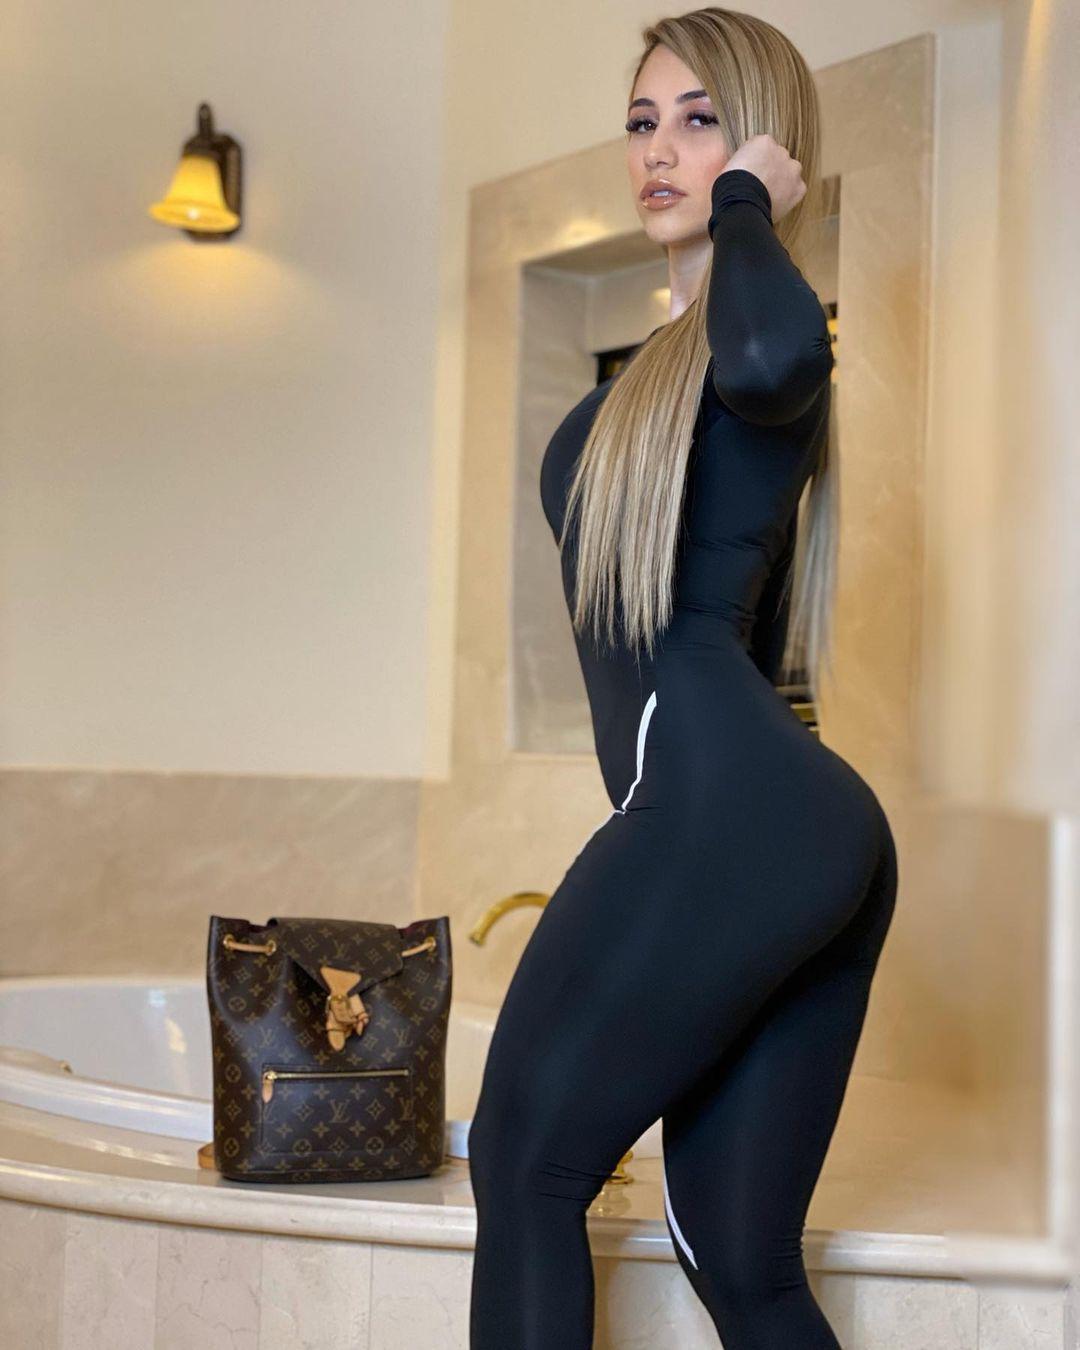 Mariam-Olivera